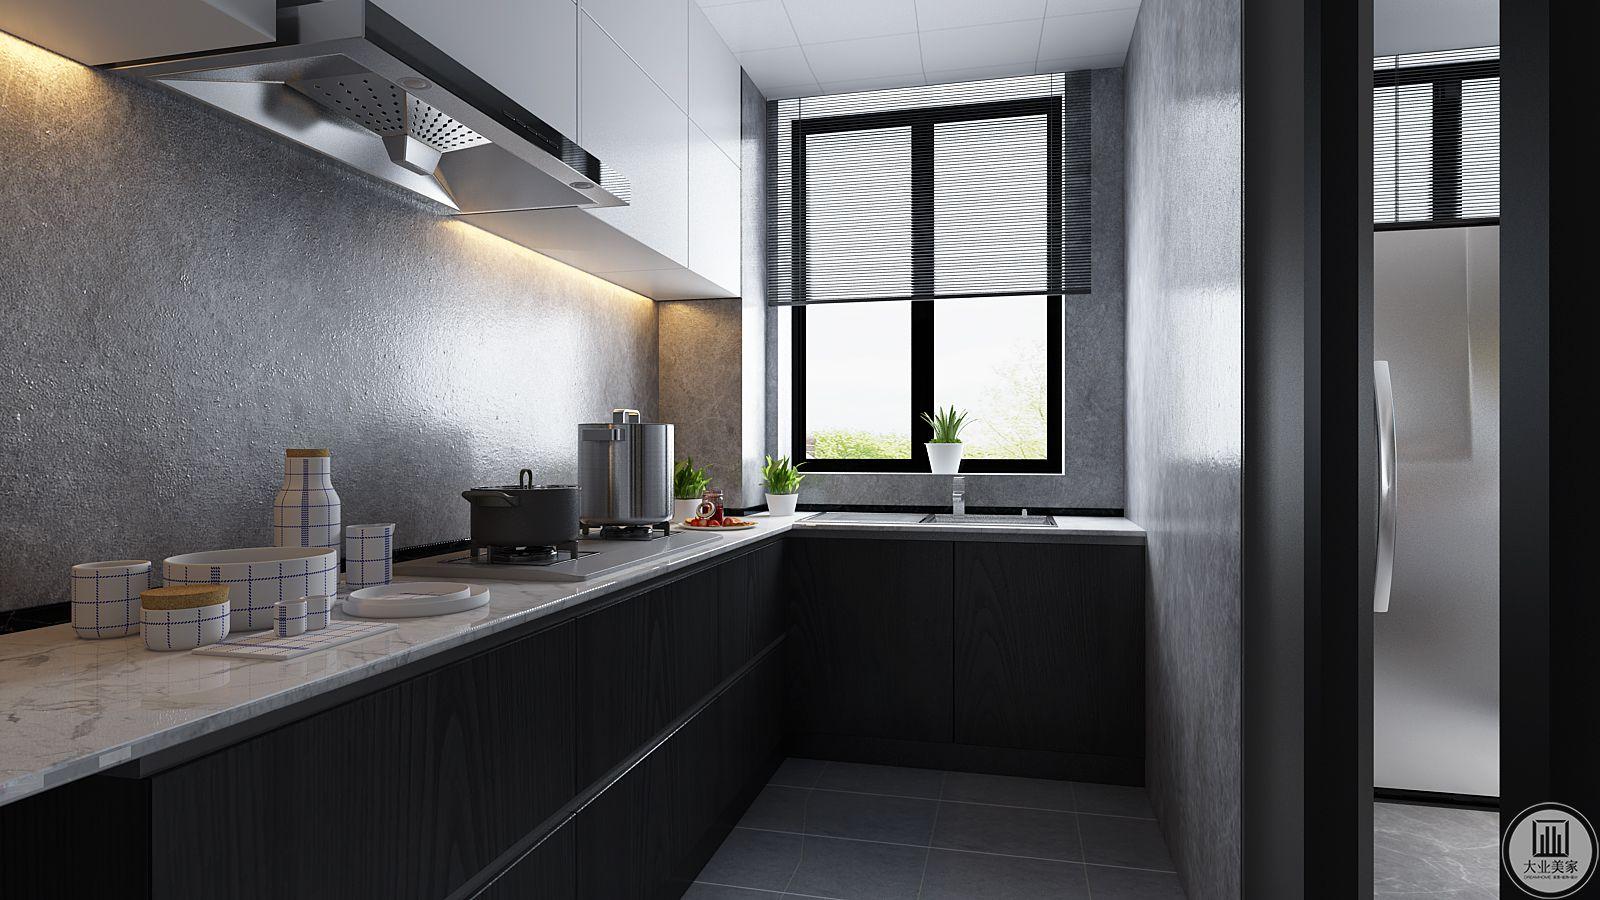 L型的厨房的流畅操作动线,让烹饪变得轻松自在,使厨房运作有序而不凌乱。光线透过窗户洒入室内使得空间里多了一份柔软与平和。